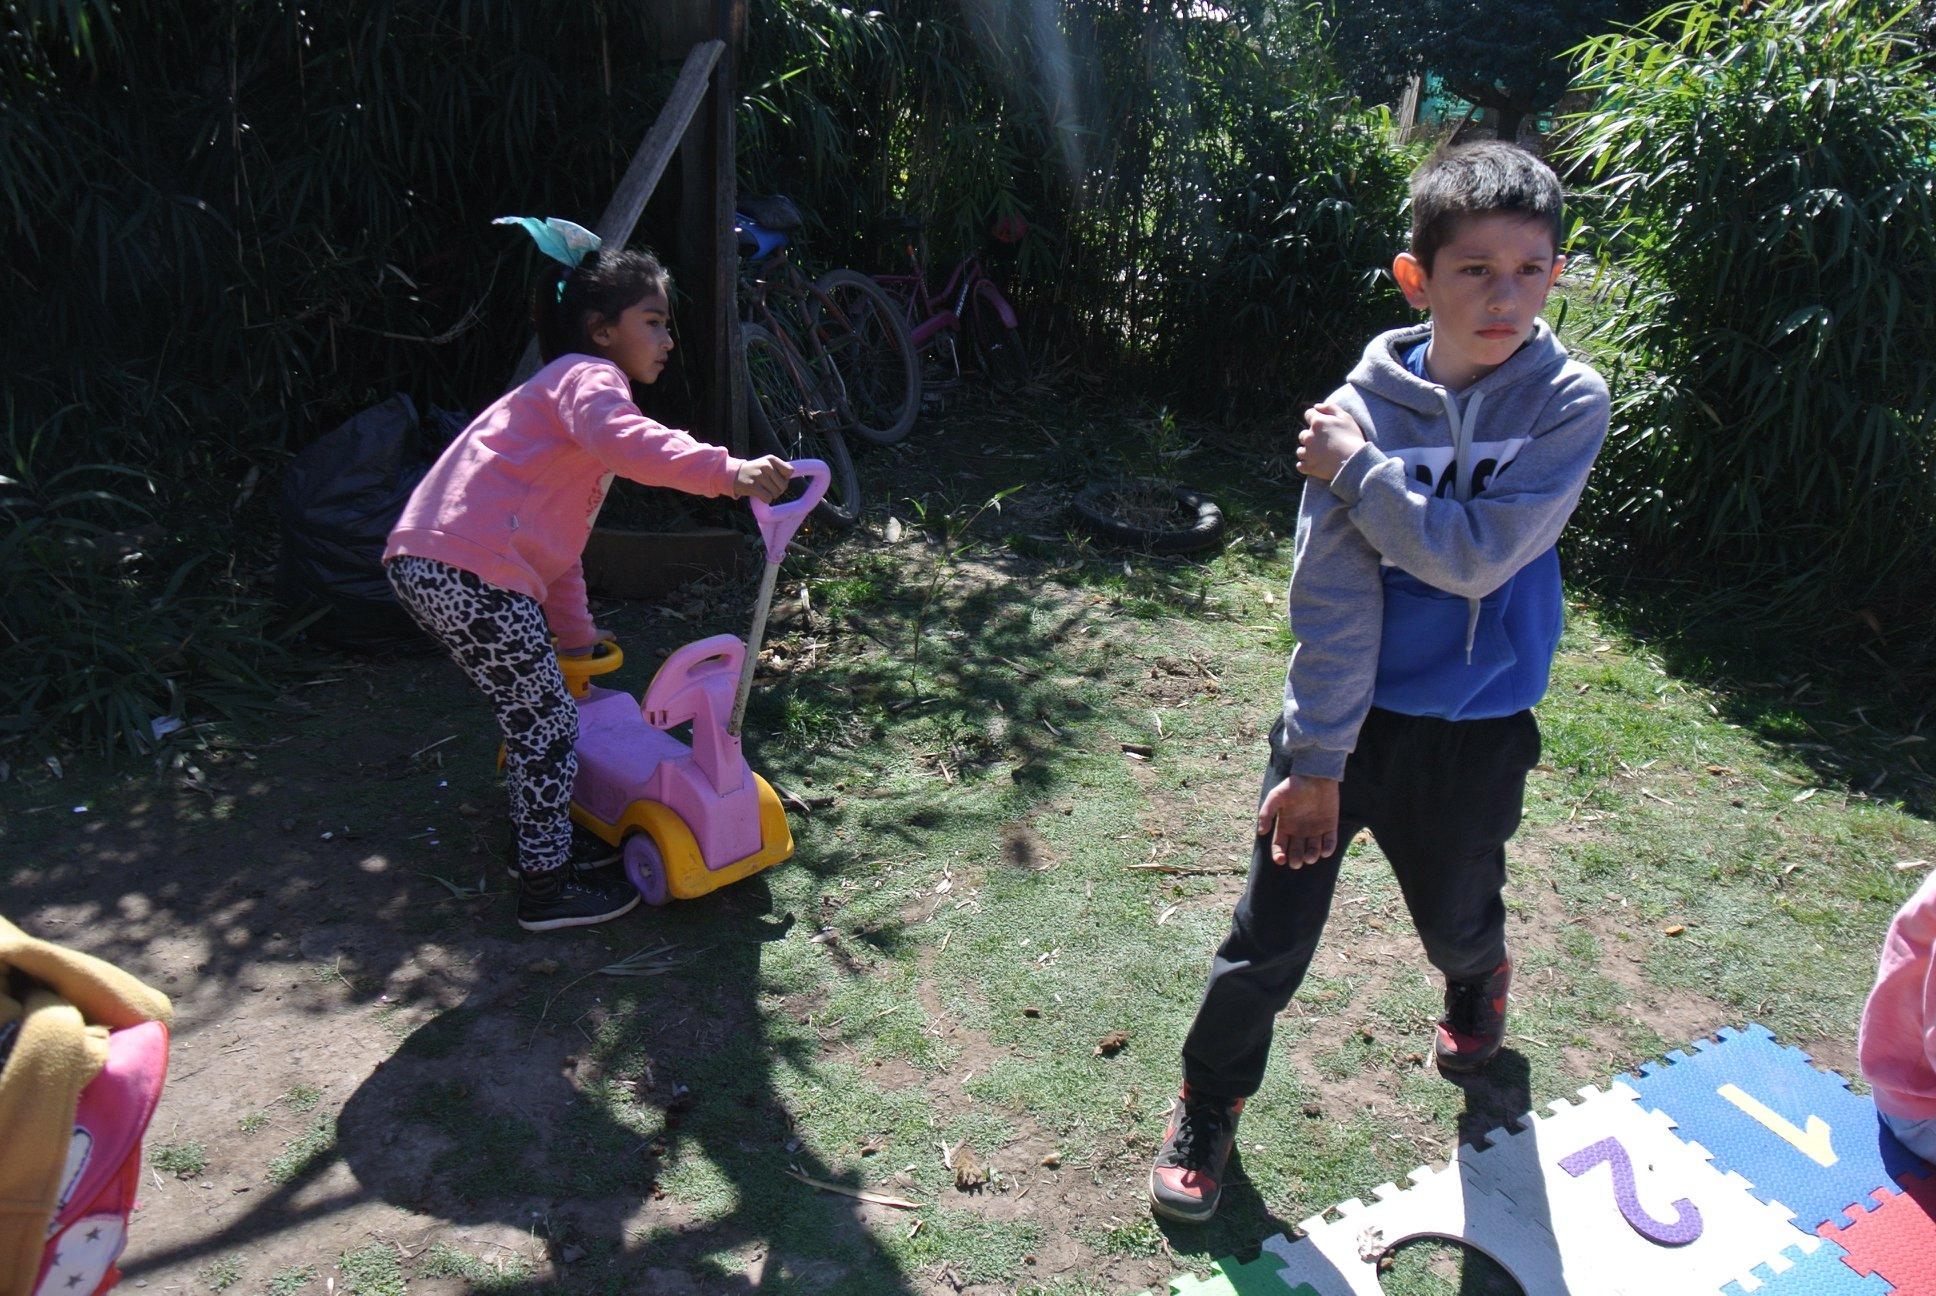 Una ONG realiza una rifa a beneficio de merenderos de Zona Oeste por el día de la niñez